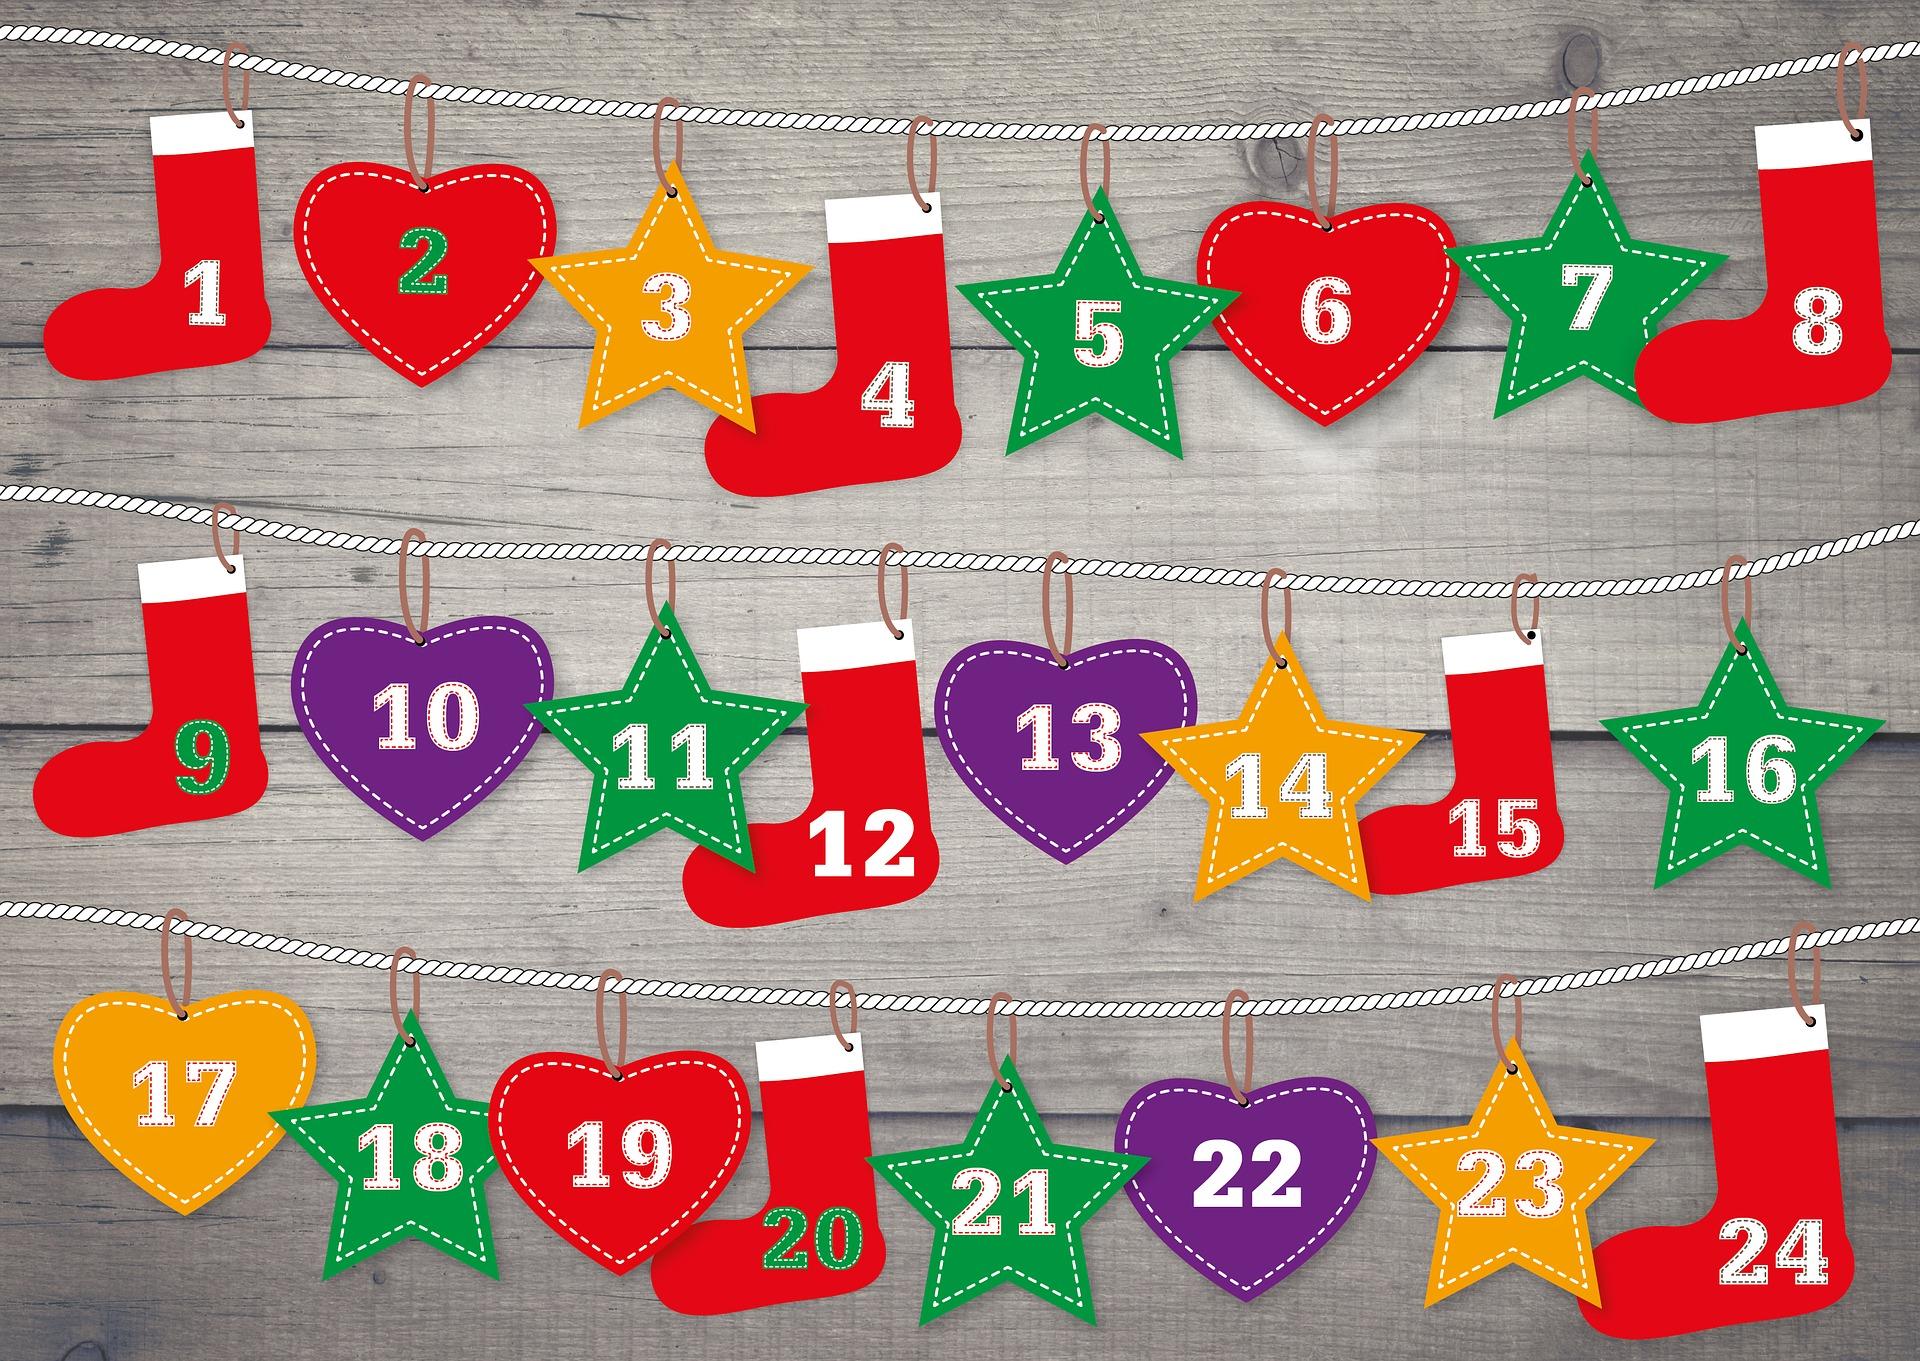 Kalendarze adwentowe - rodzinne warsztaty kreatywne